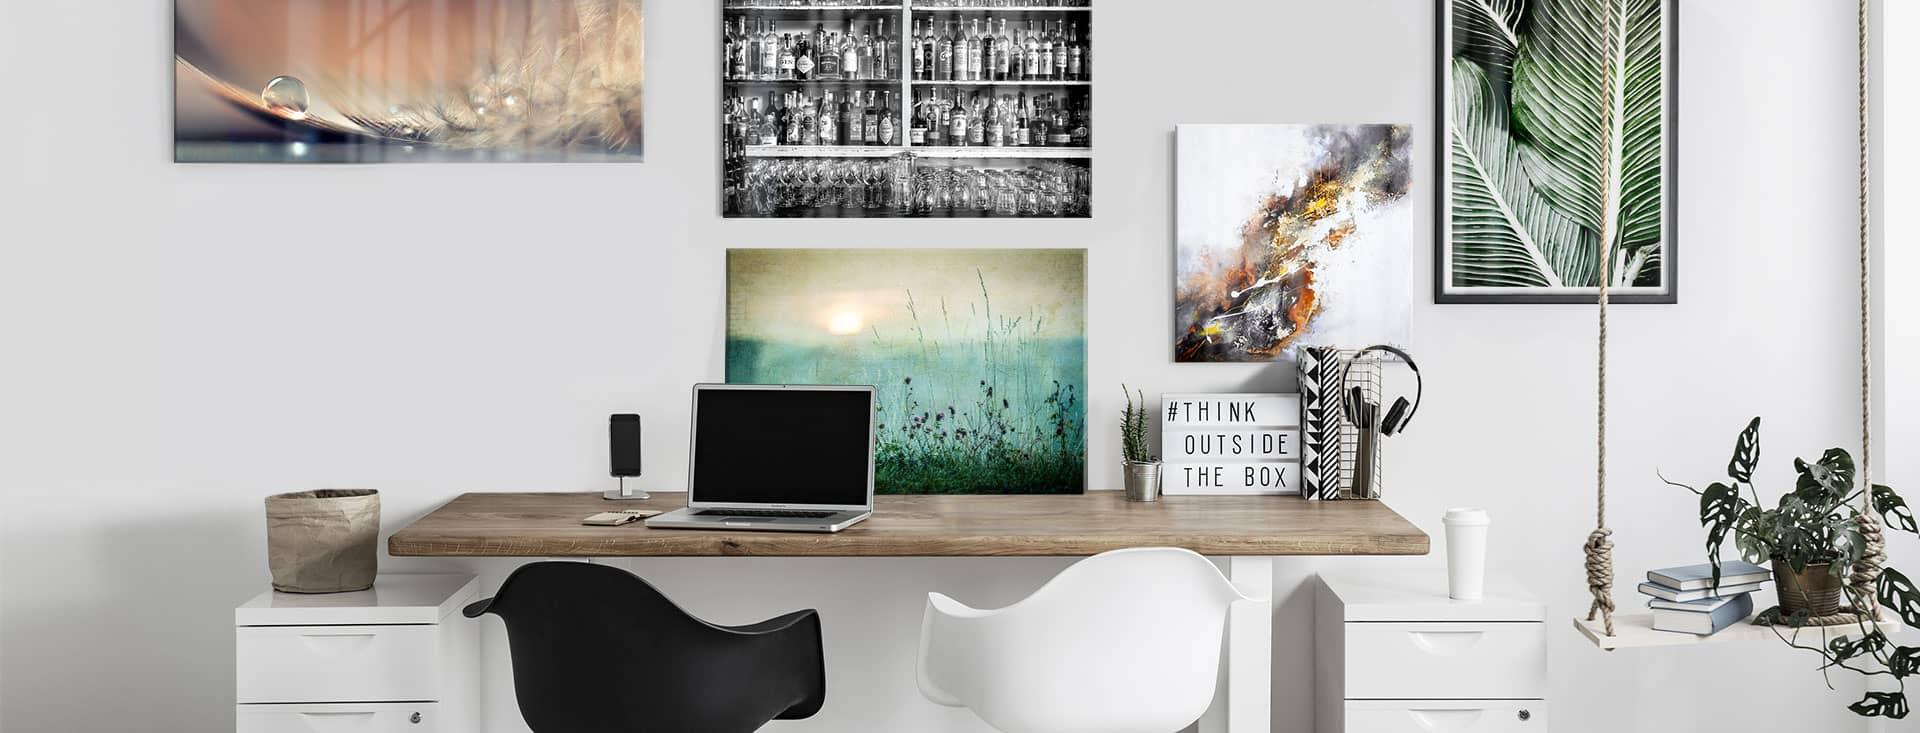 https://www.wall-art.nl/out/pictures/wysiwigpro/slider/Slider-Startseite-Wandbilder-02.jpg